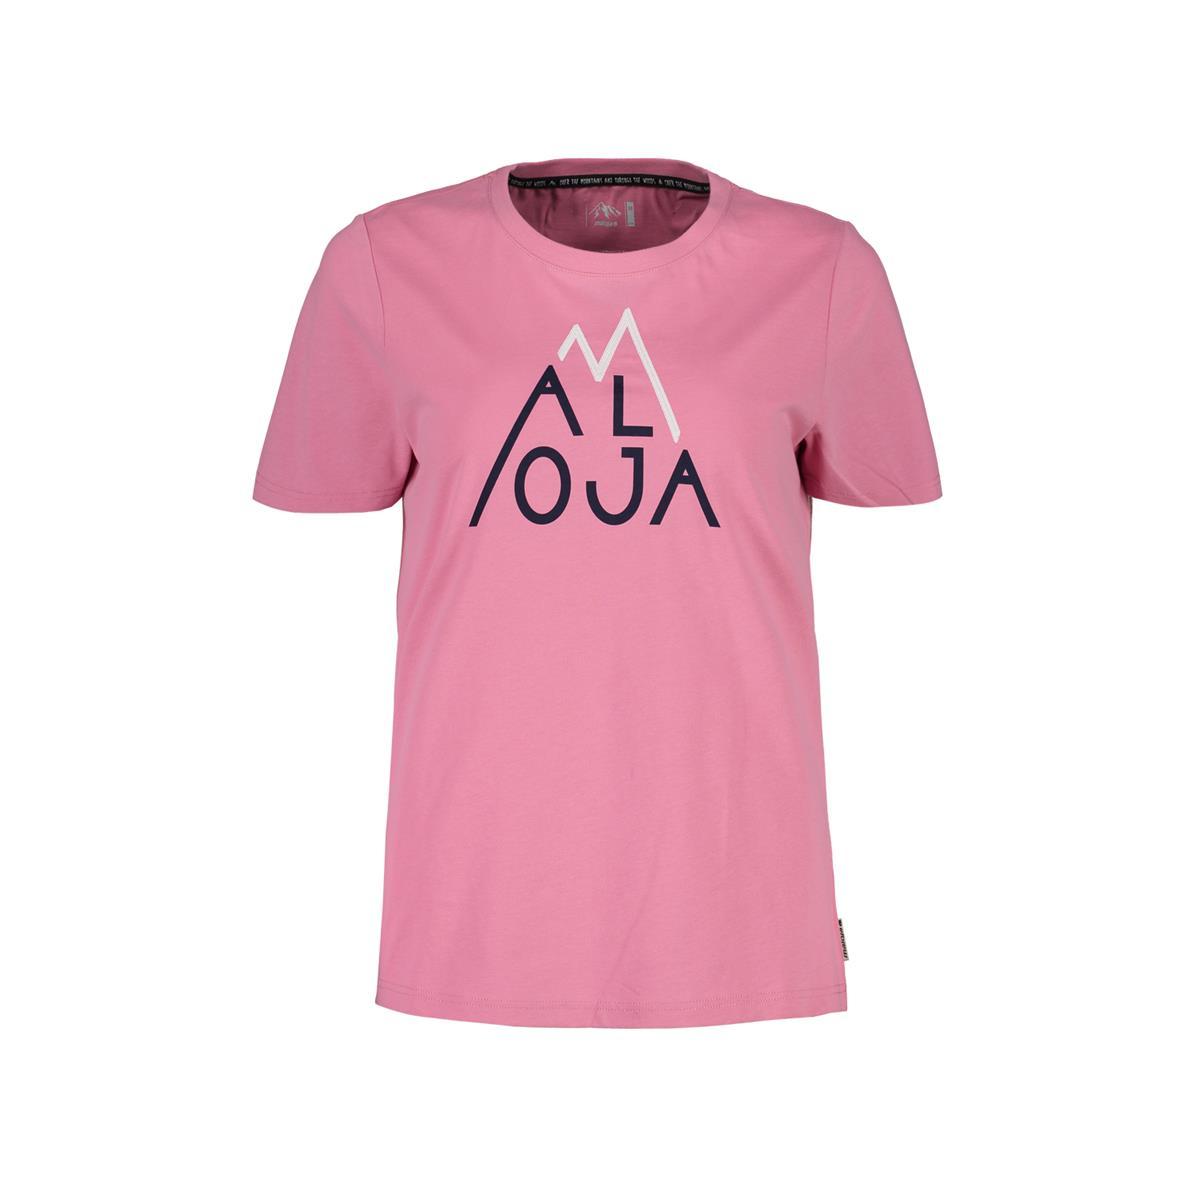 Maloja Girls T-Shirt BalselgiaM. Cherry Blossom